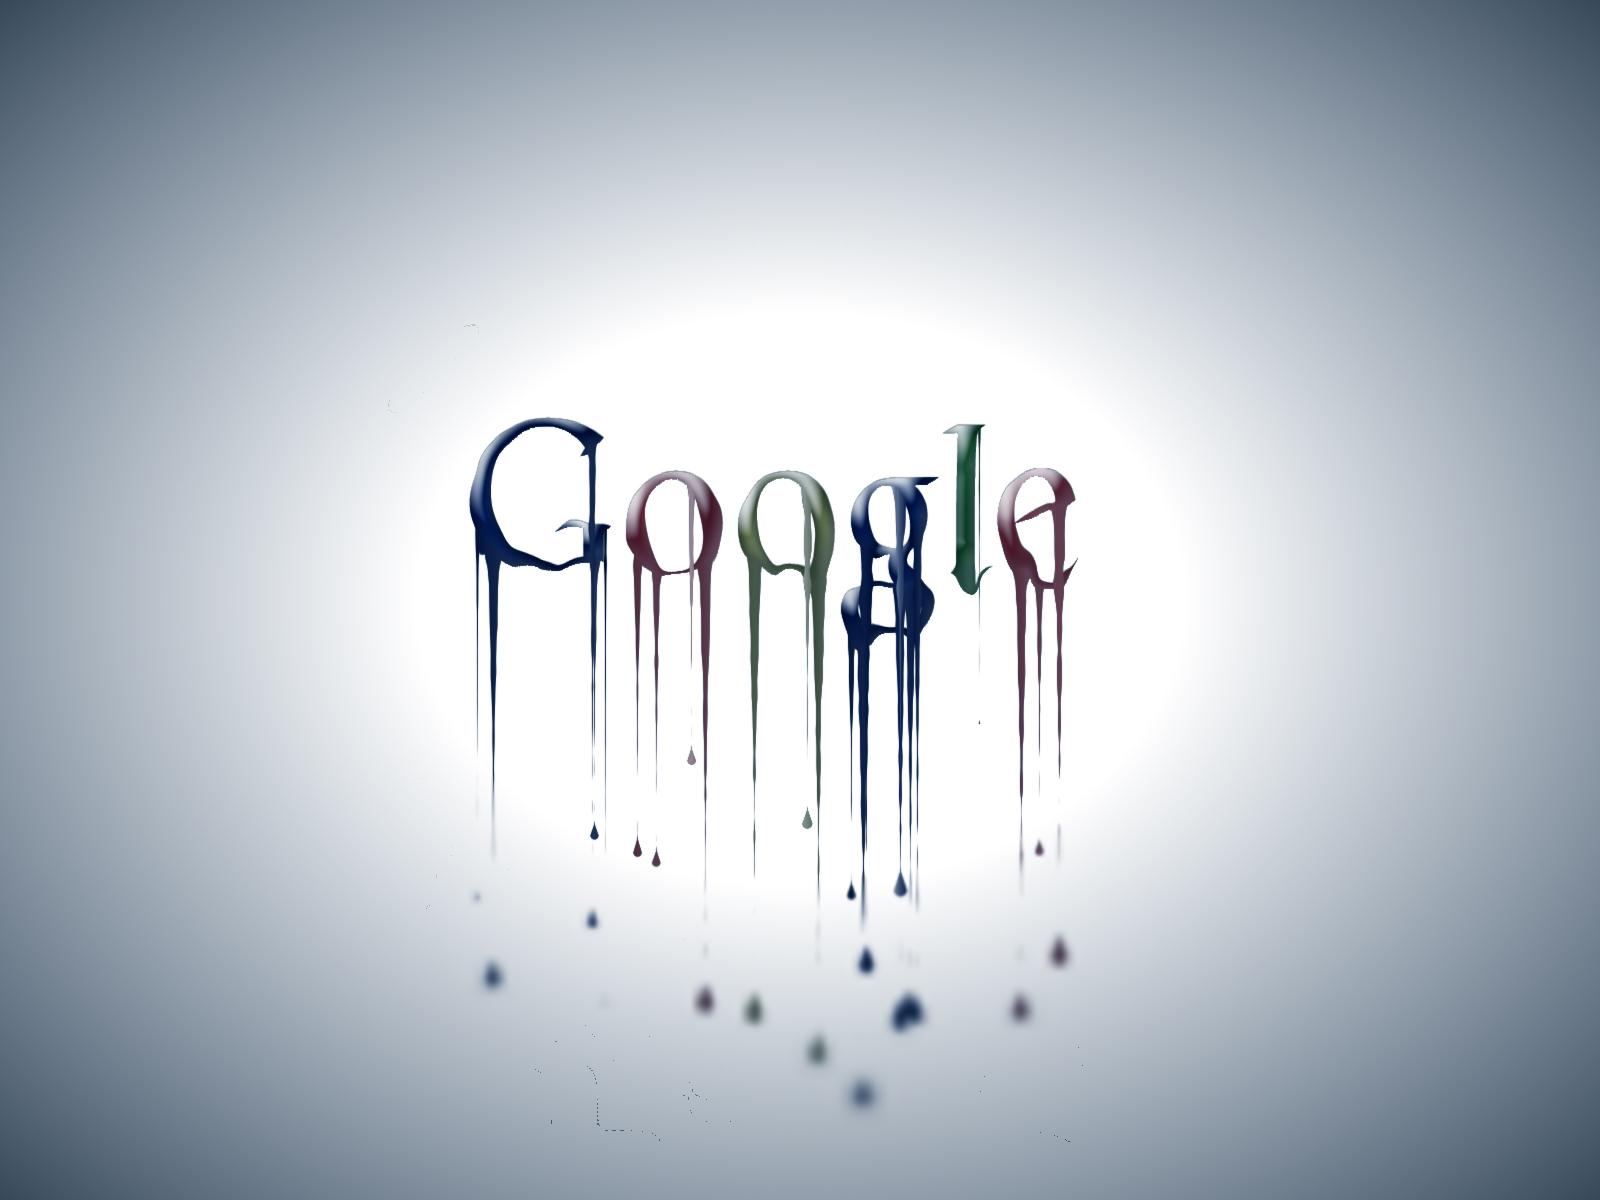 Google Logo Wallpaper - WallpaperSafari